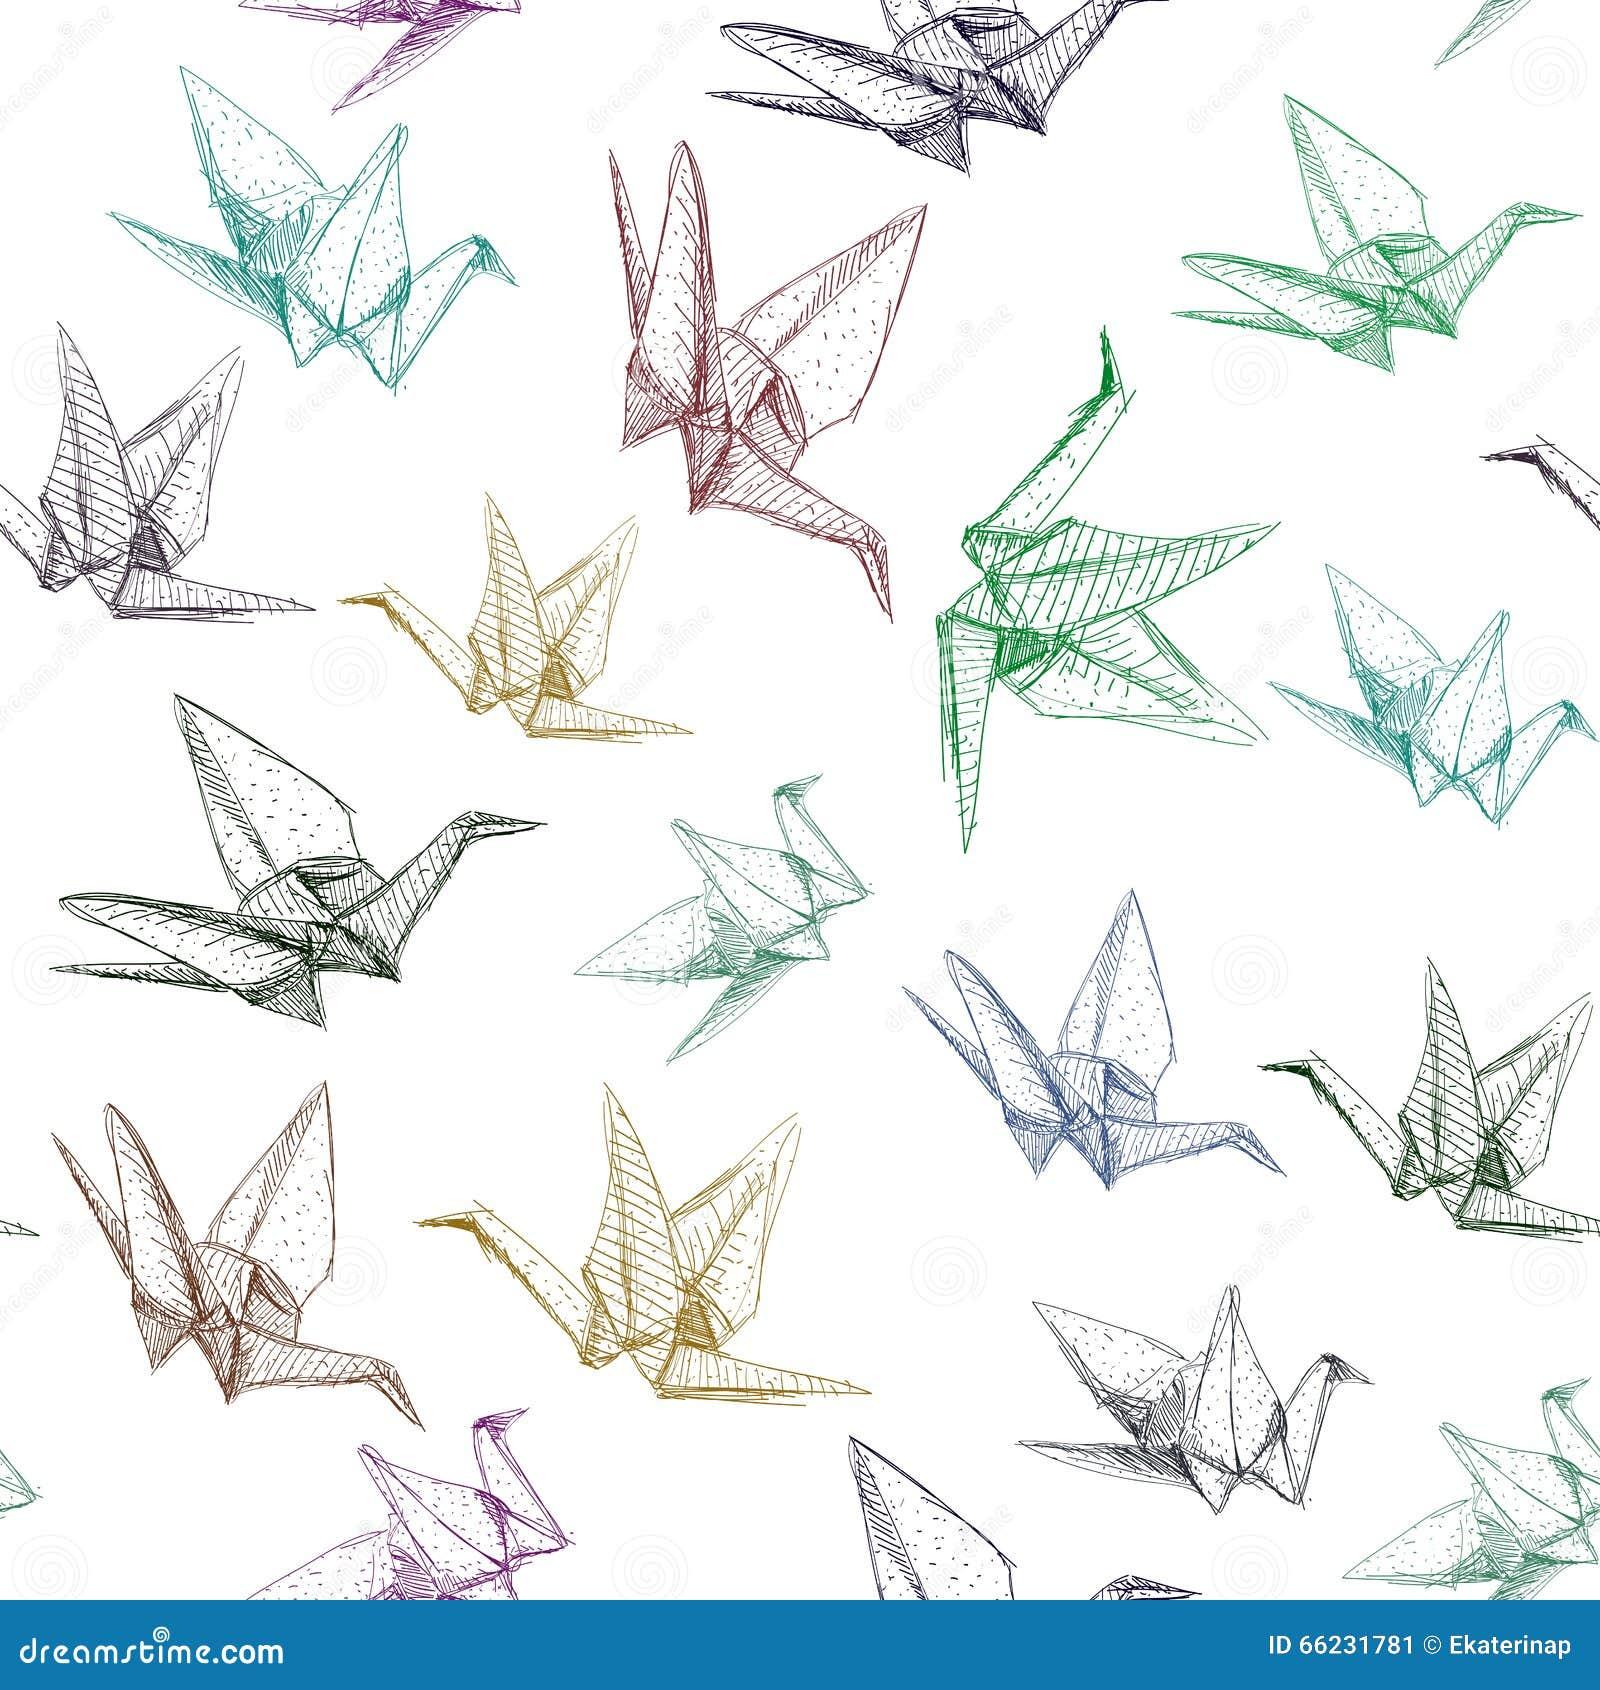 A thousand paper cranes   The Japans   1390x1300